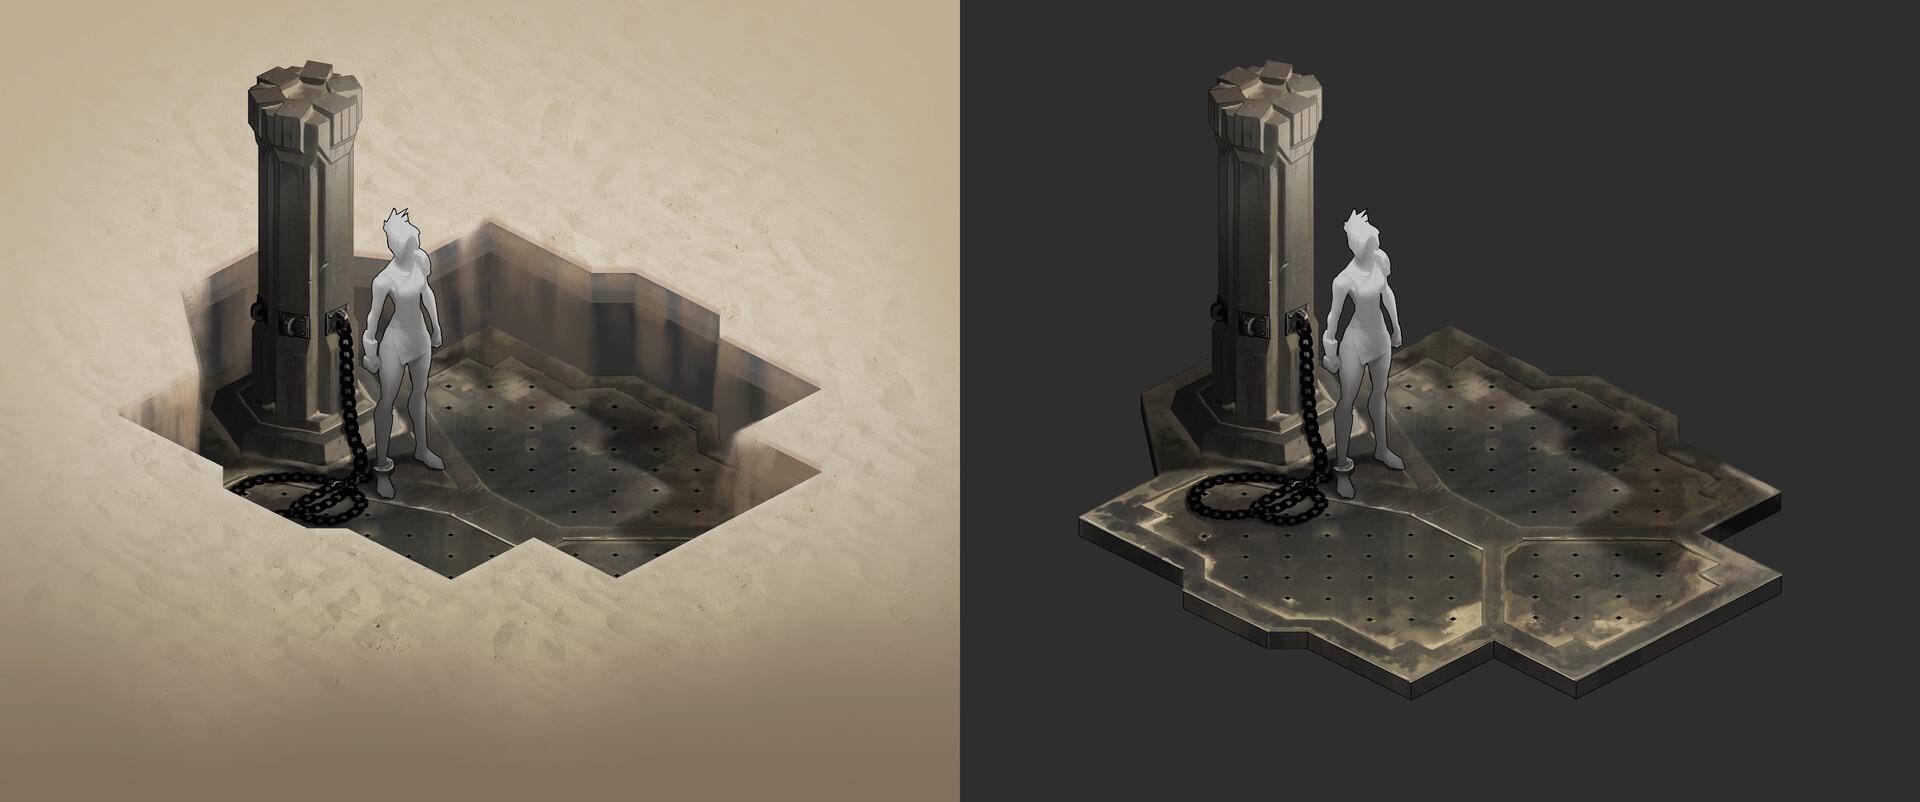 Riven Awaken Concept 02.jpg